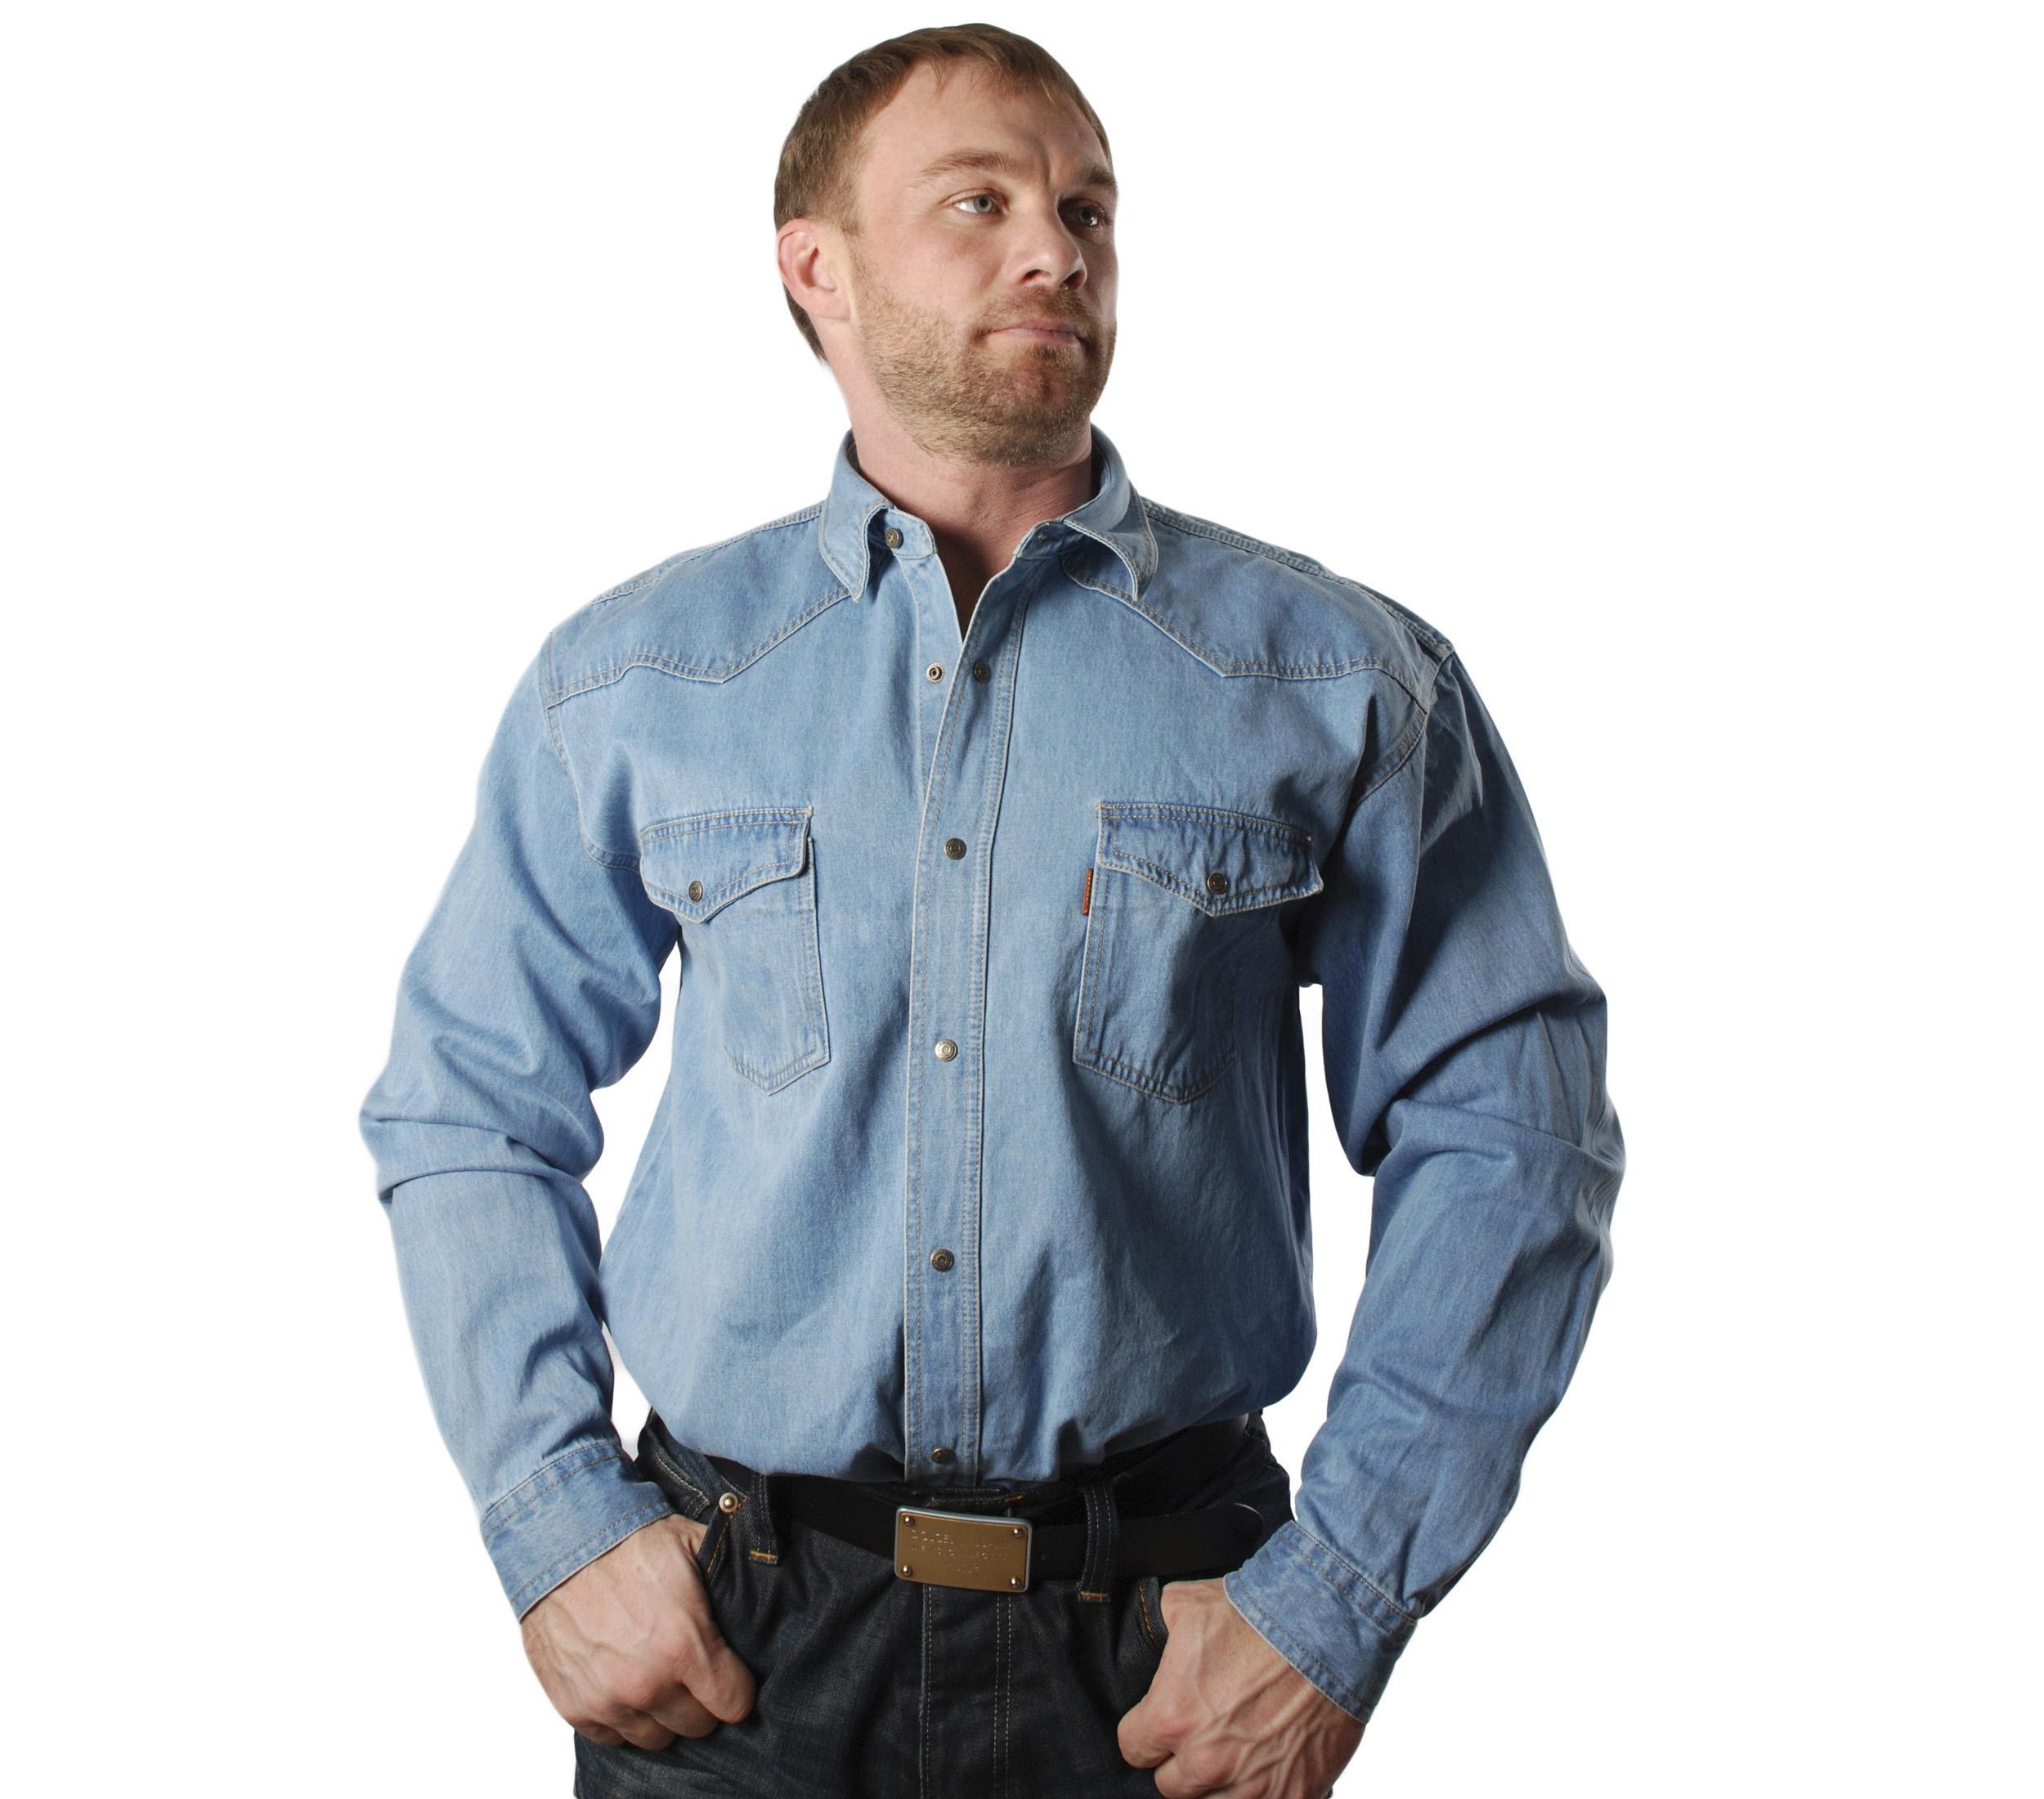 82489bb1c03 Джинсовая рубашка Р 501 СВ